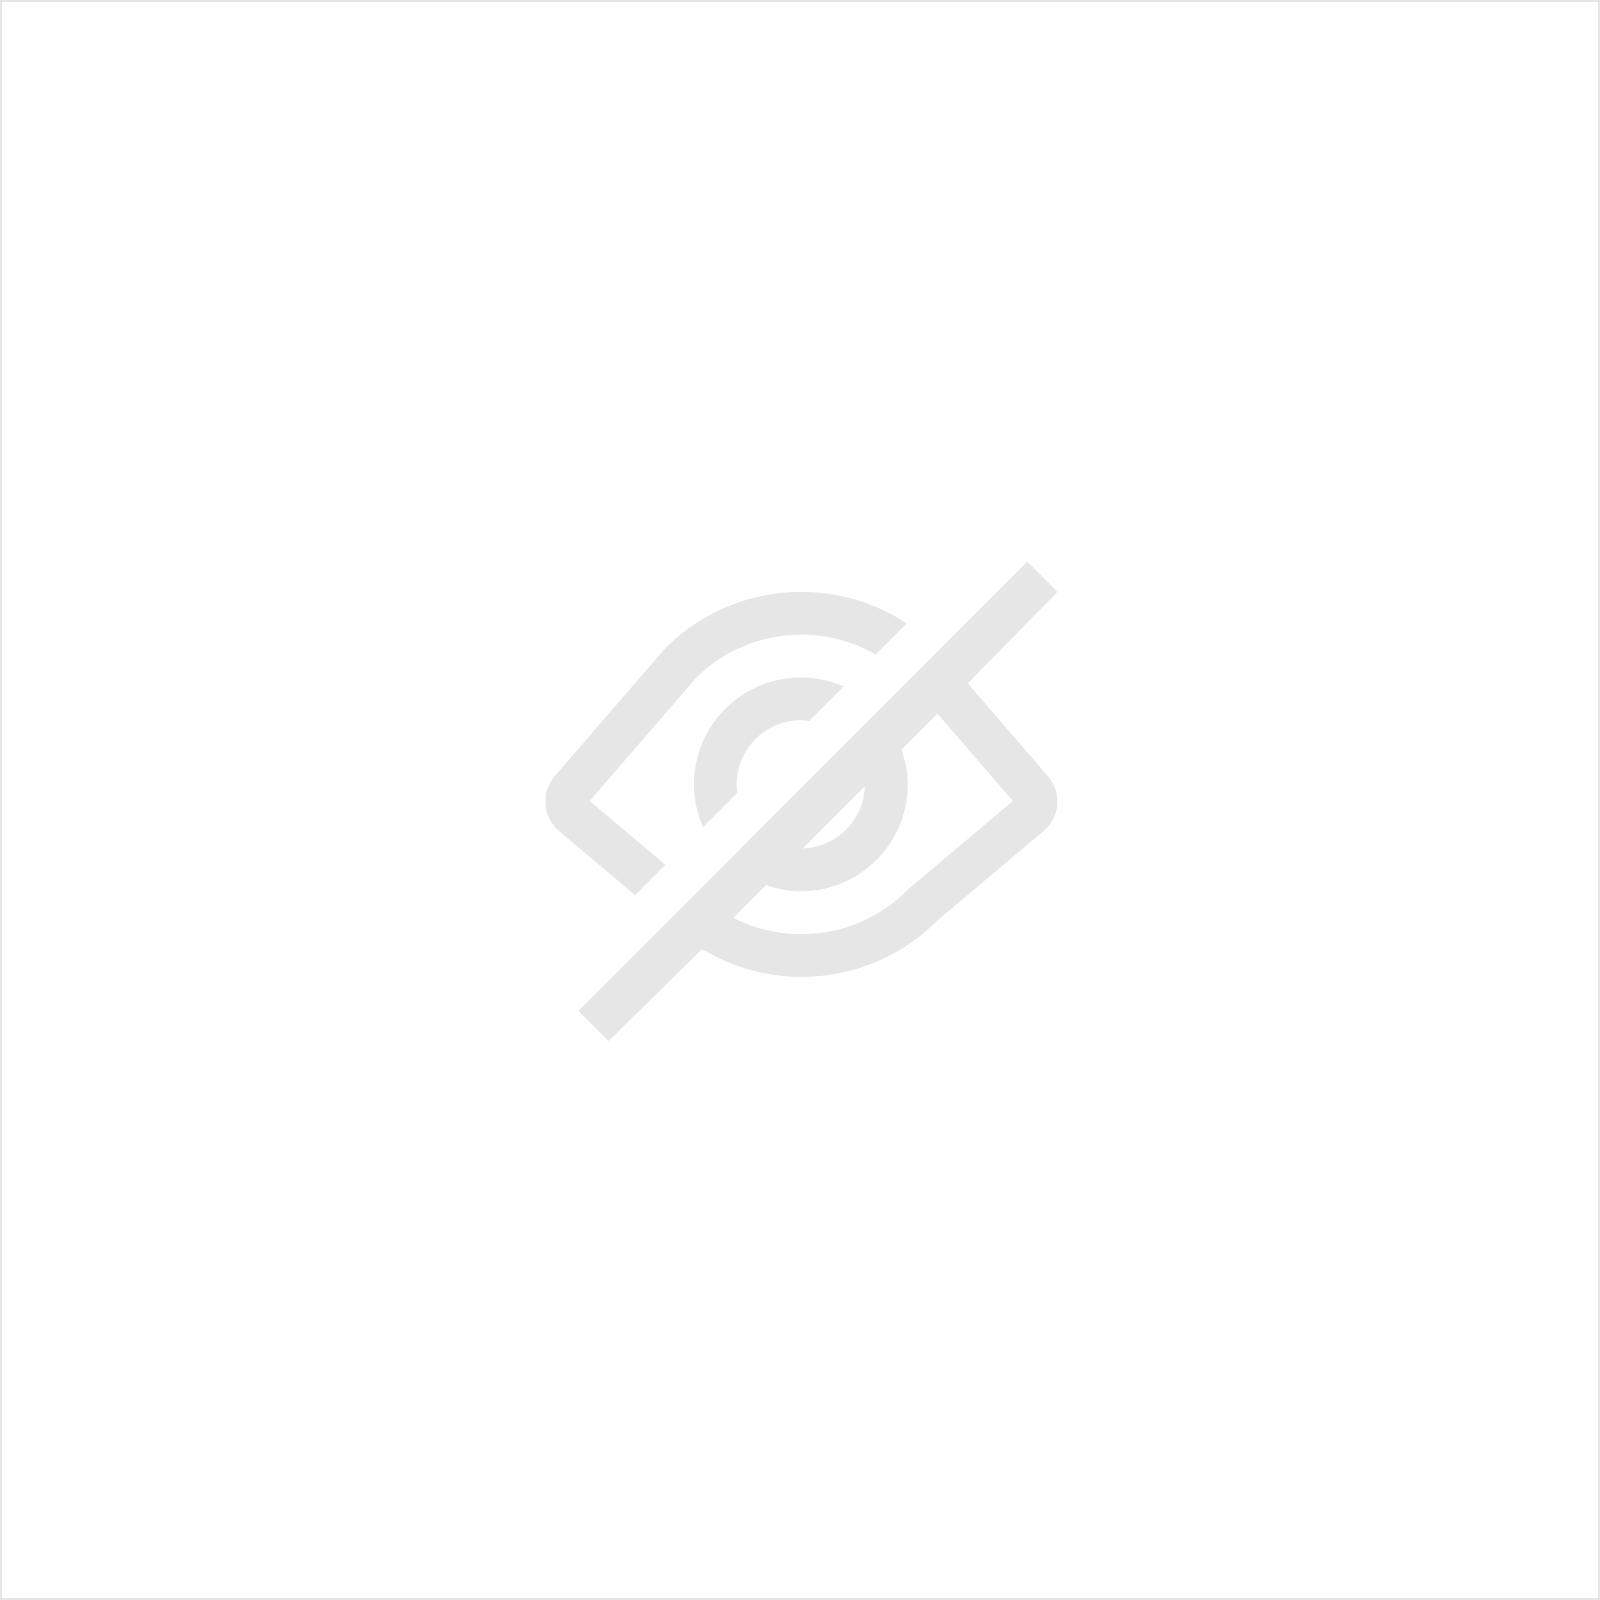 STRAALMIDDEL GARNET 'FIJN' VOOR STRAALDRUKKETEL PALETTE 1000 KG